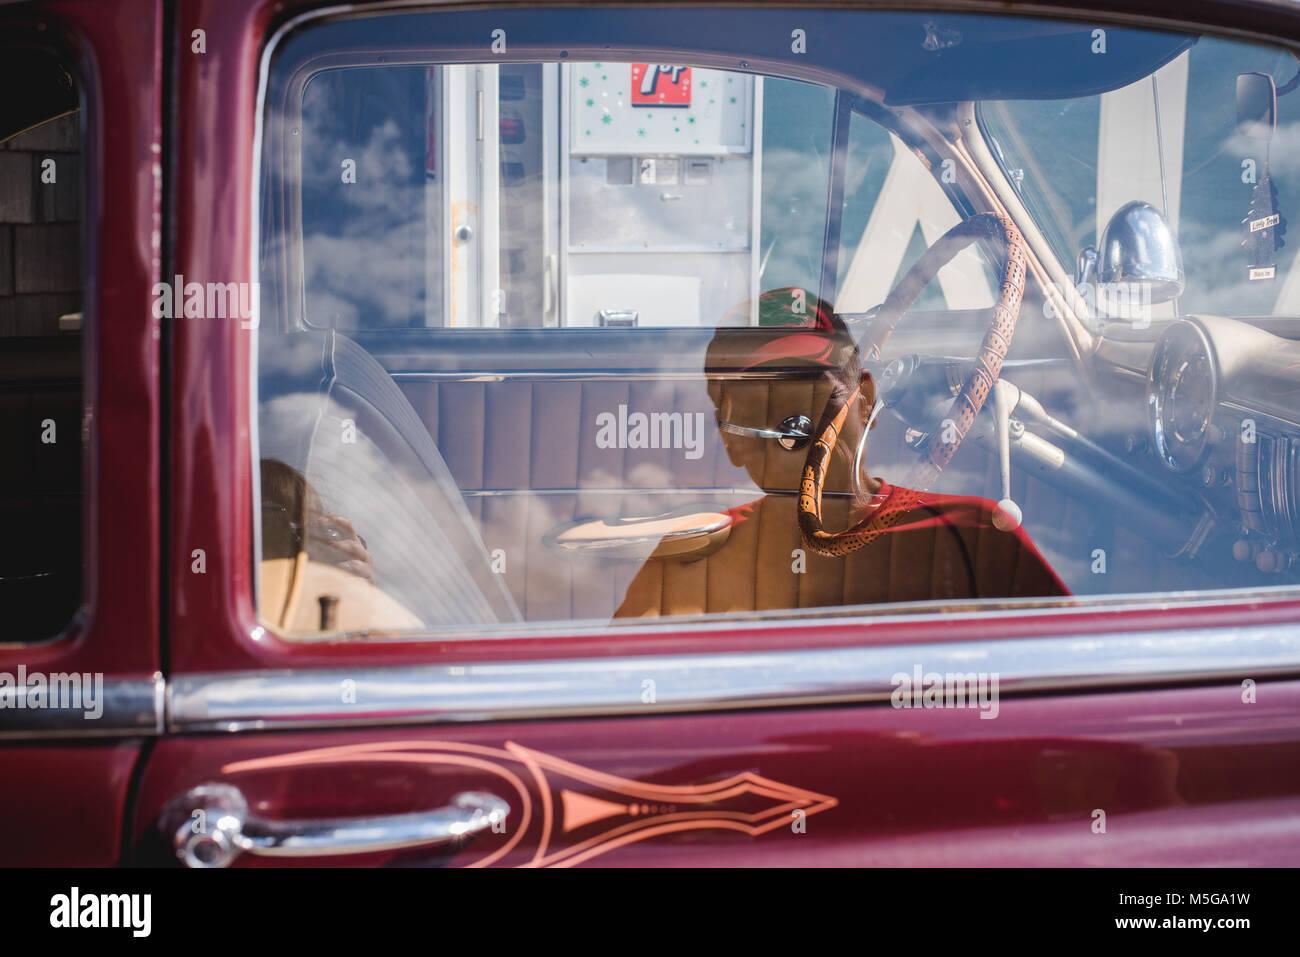 La riflessione di un uomo nella finestra di un vintage Chevy auto. Immagini Stock